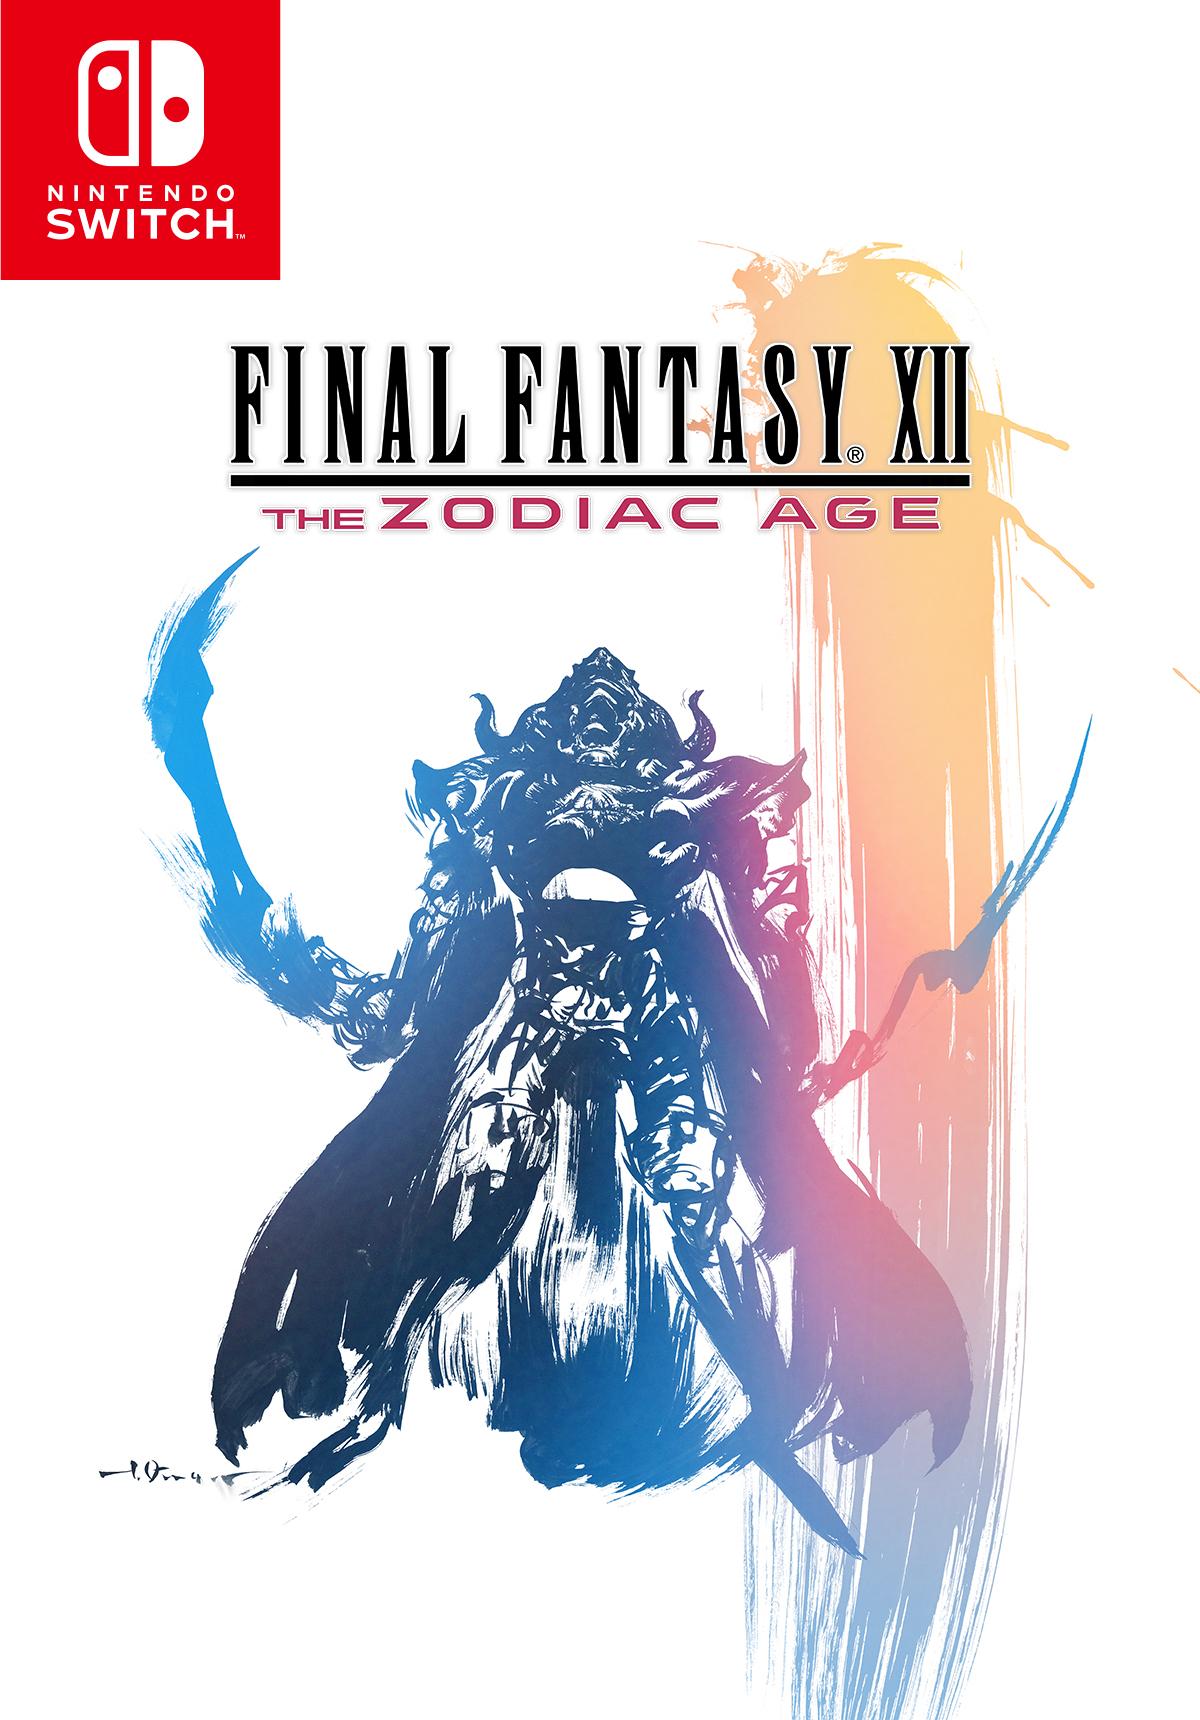 Final Fantasy XII: The Zodiac Age (Switch) für 19,99€ inkl. Versand (Square Enix Store)